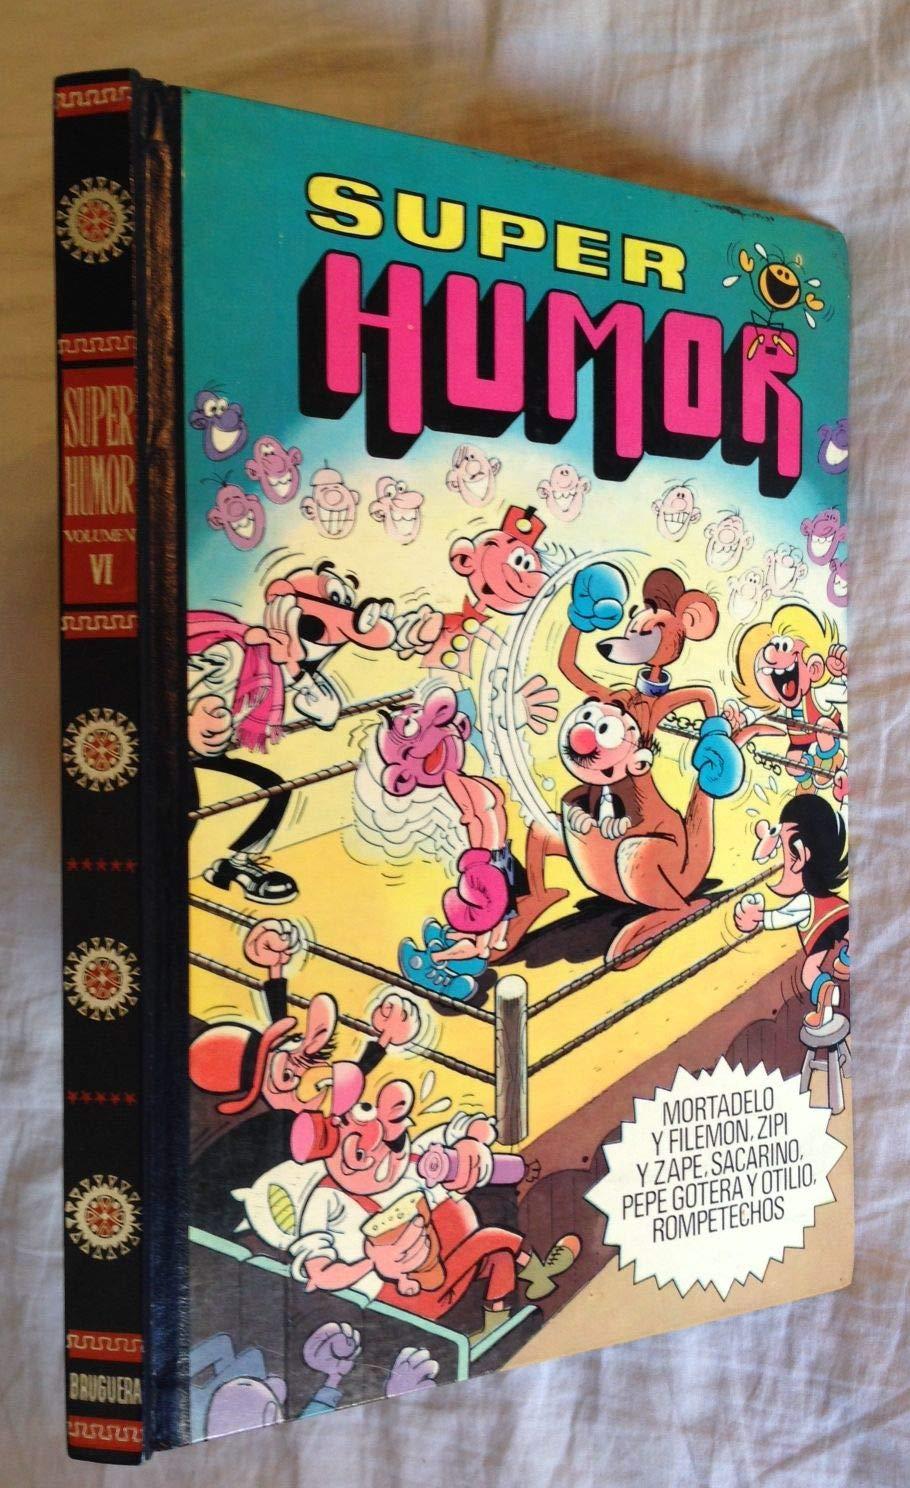 Super humor 6: Amazon.es: Super Lopez: Libros